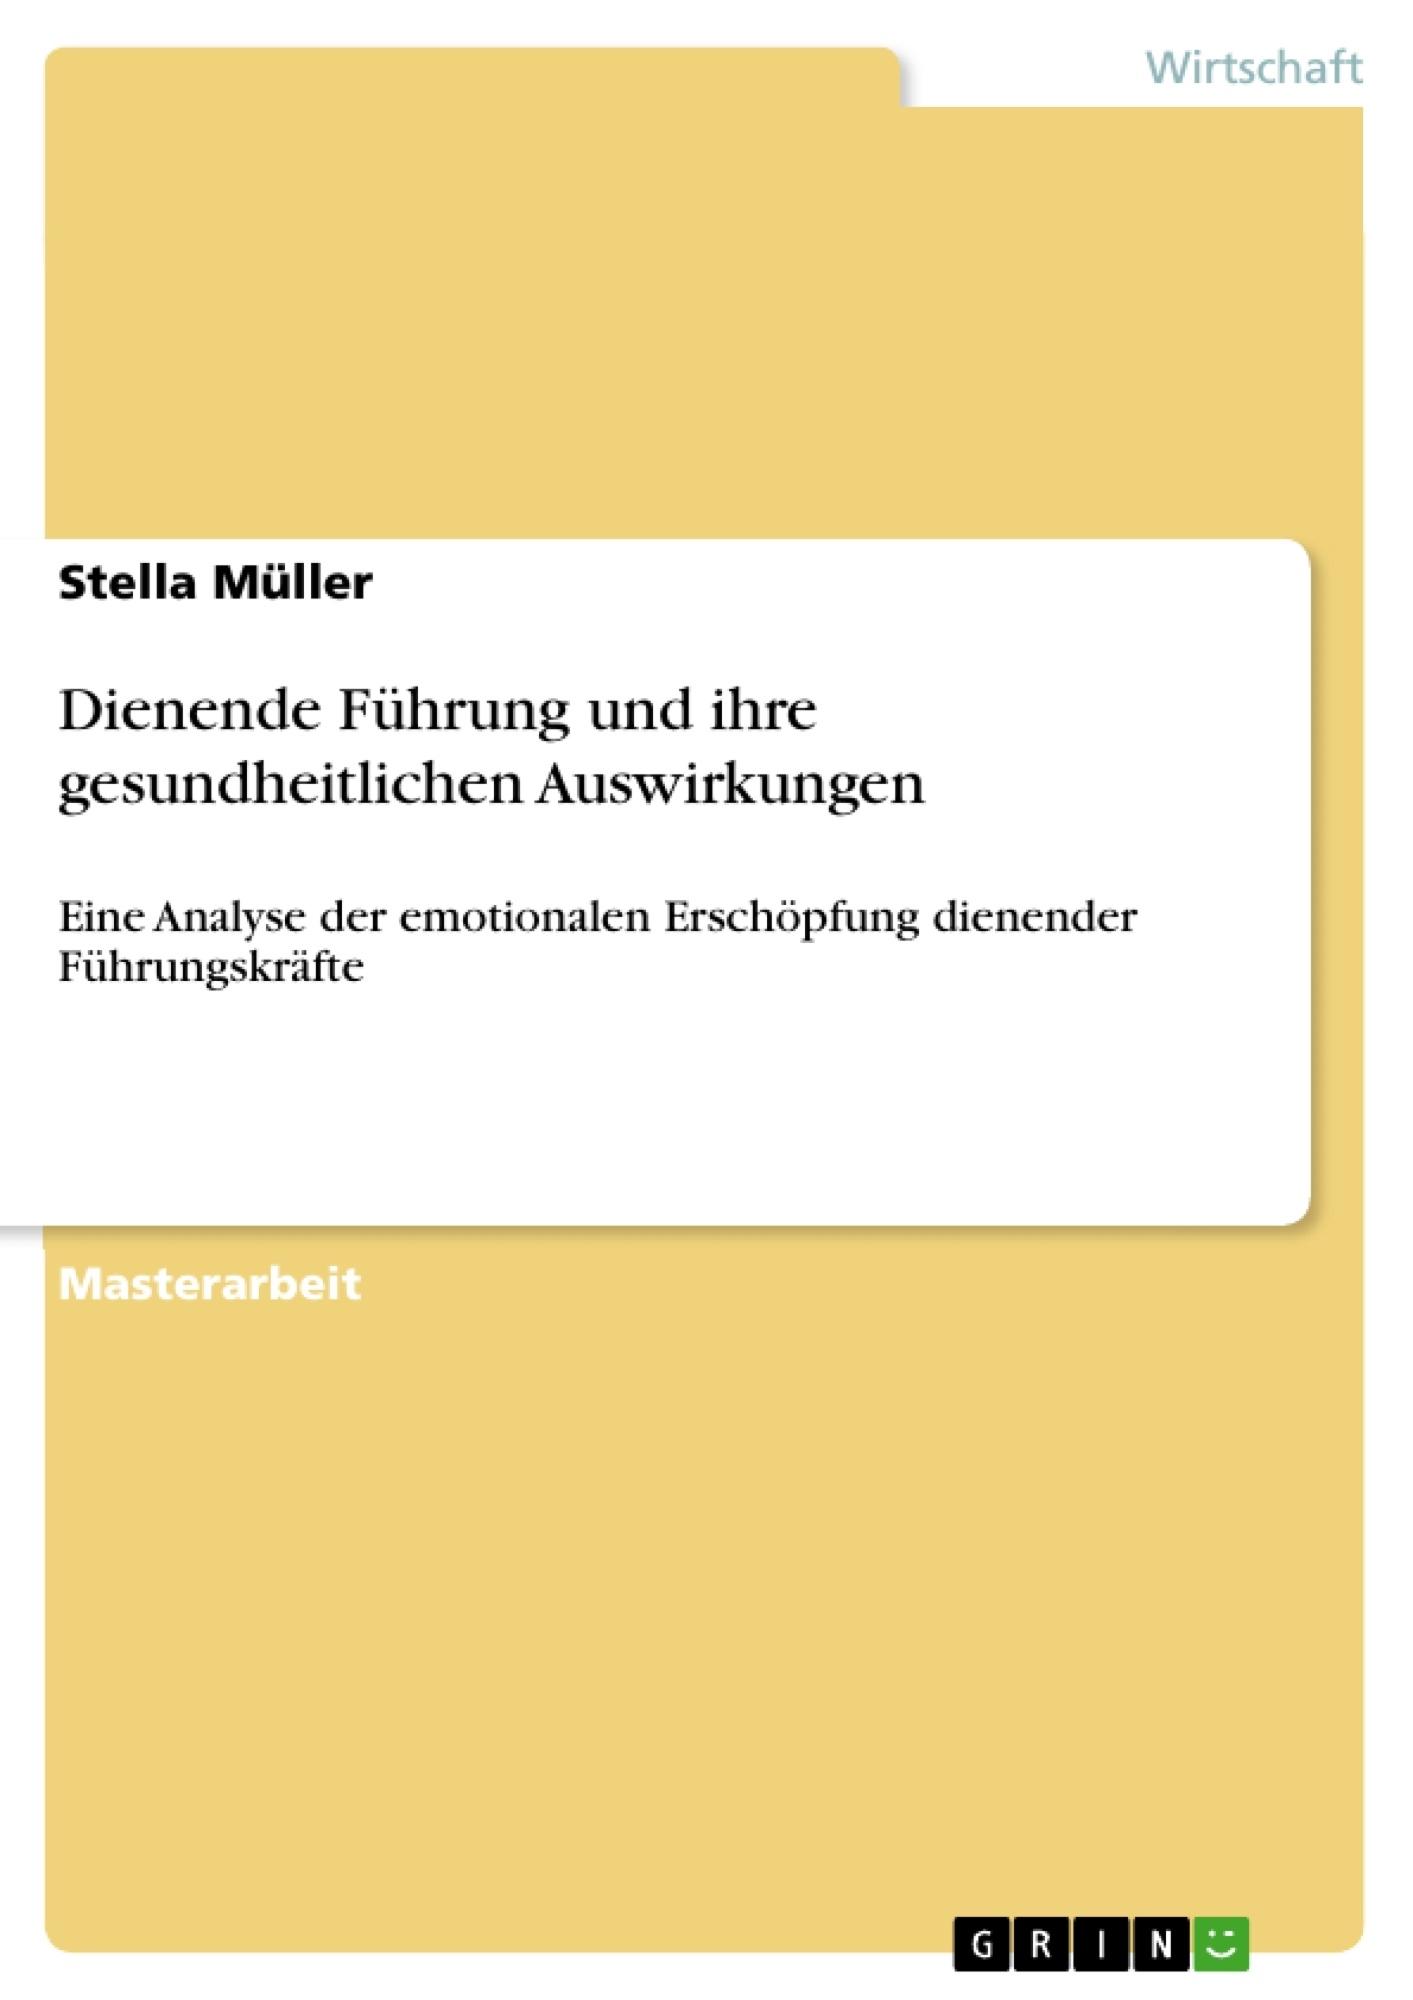 Titel: Dienende Führung und ihre gesundheitlichen Auswirkungen